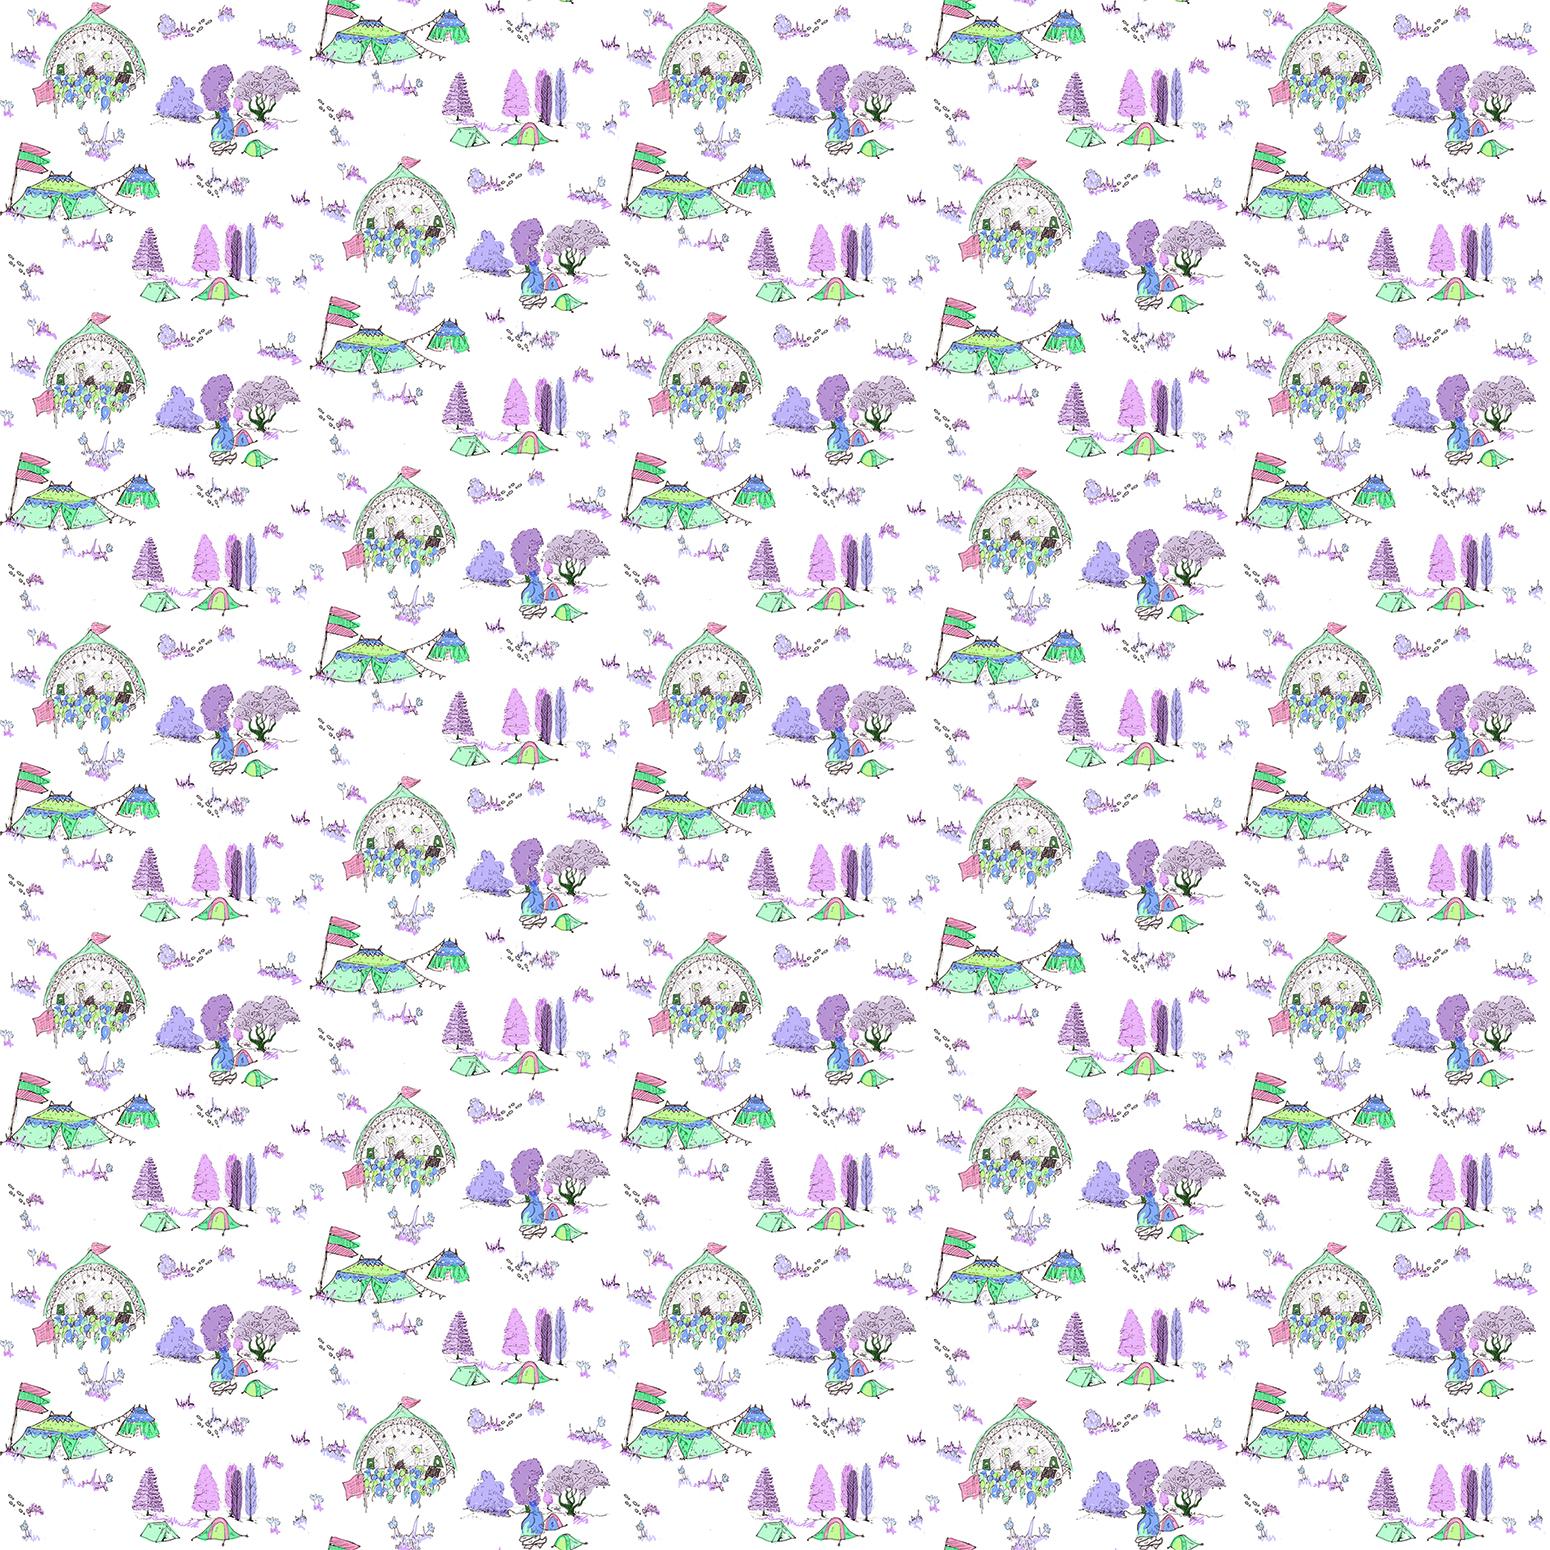 green&purple.jpg